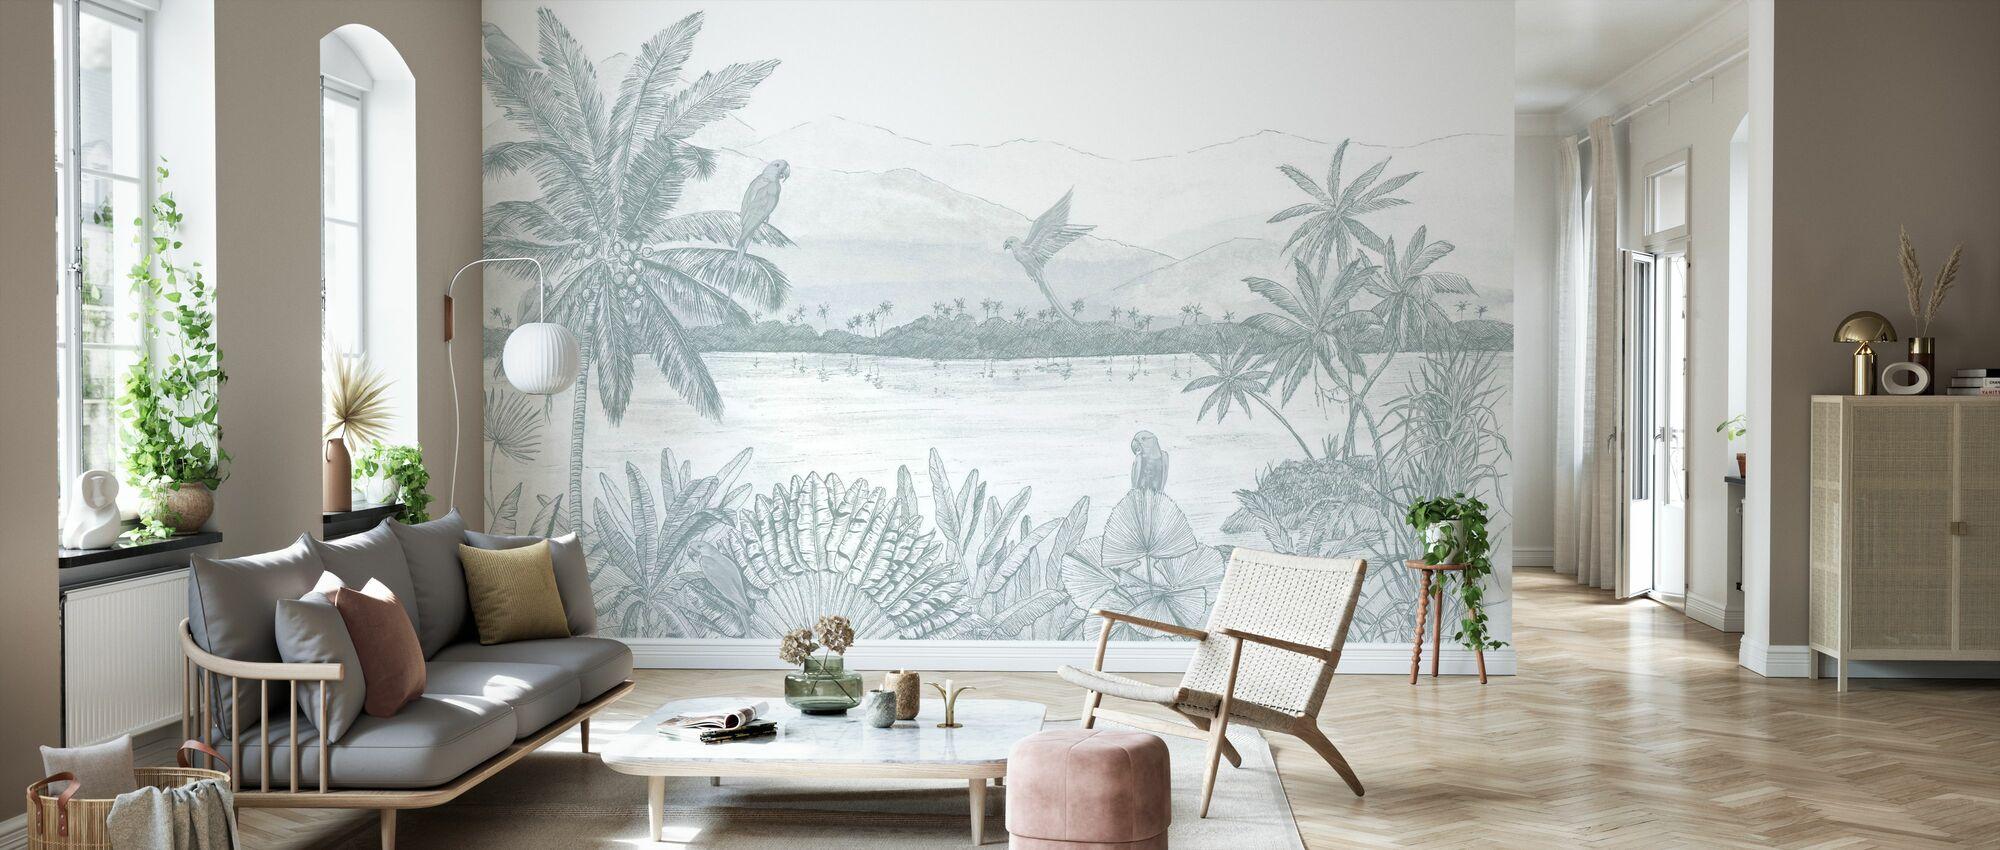 Parrots Home - Wallpaper - Living Room